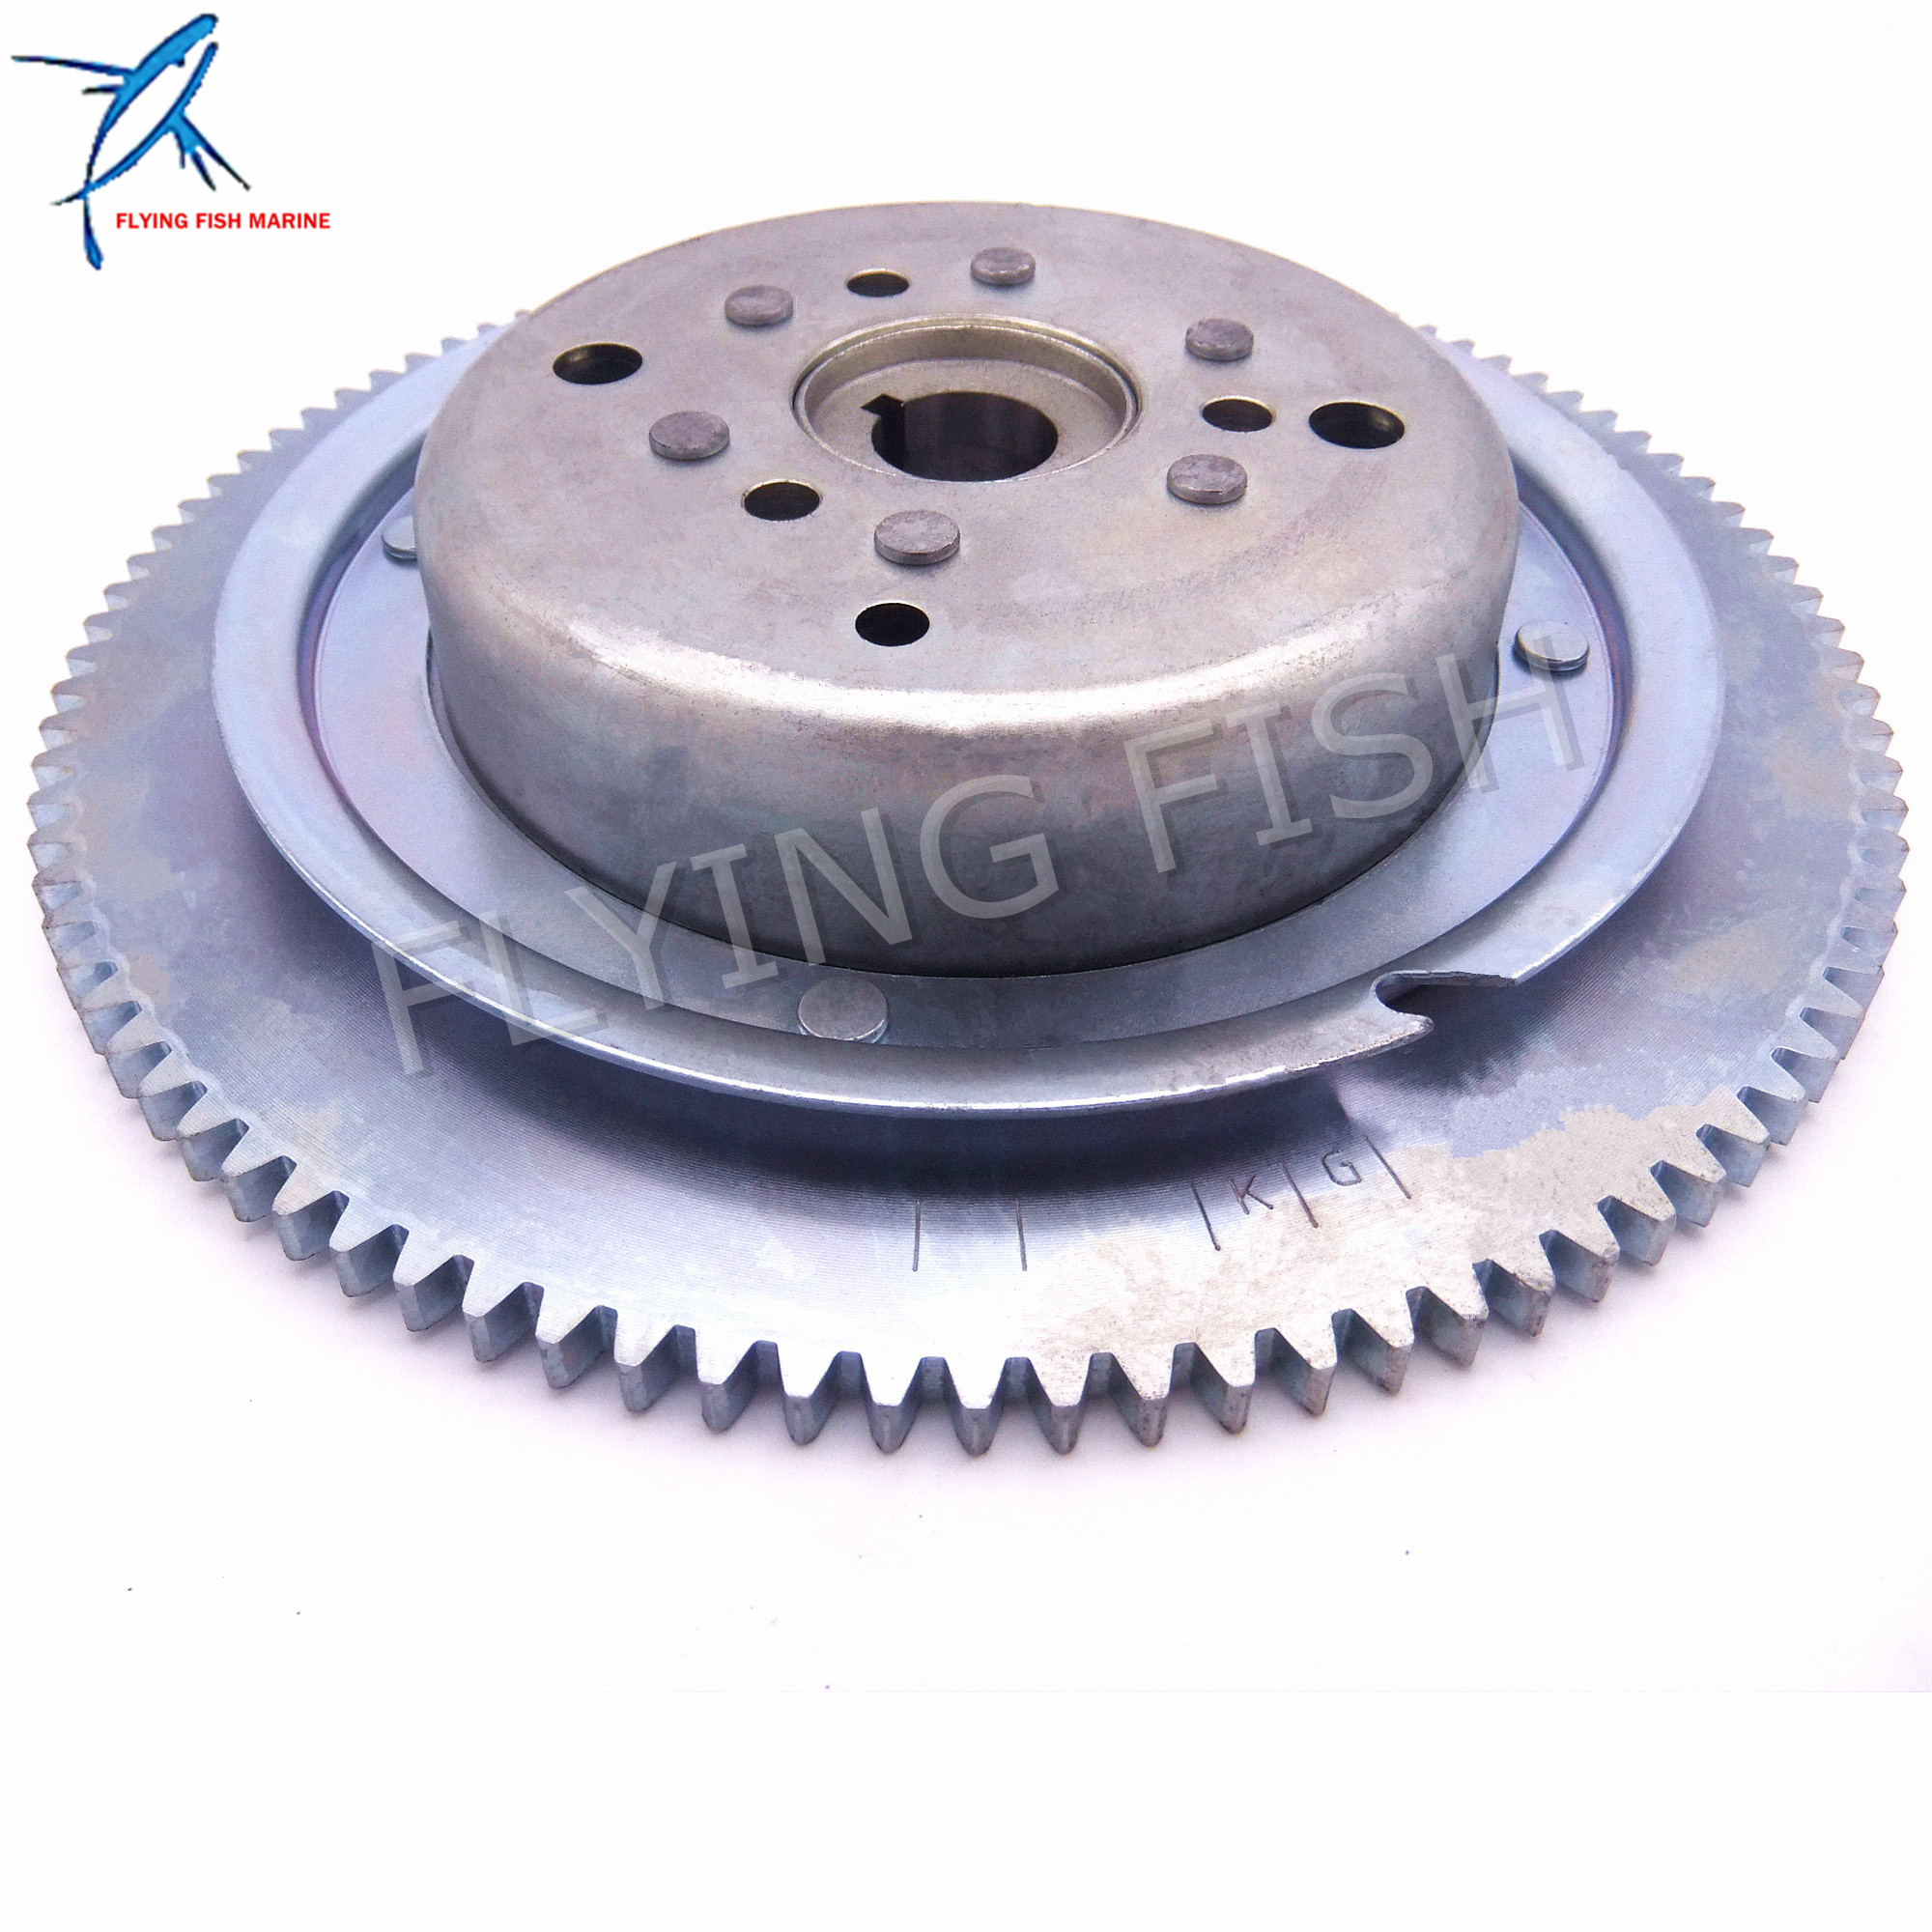 Outboard Engine T36-04000500W Electric Start Flywheel Rotor Assy for Parsun 2-Stroke T36 T40J Boat Motor